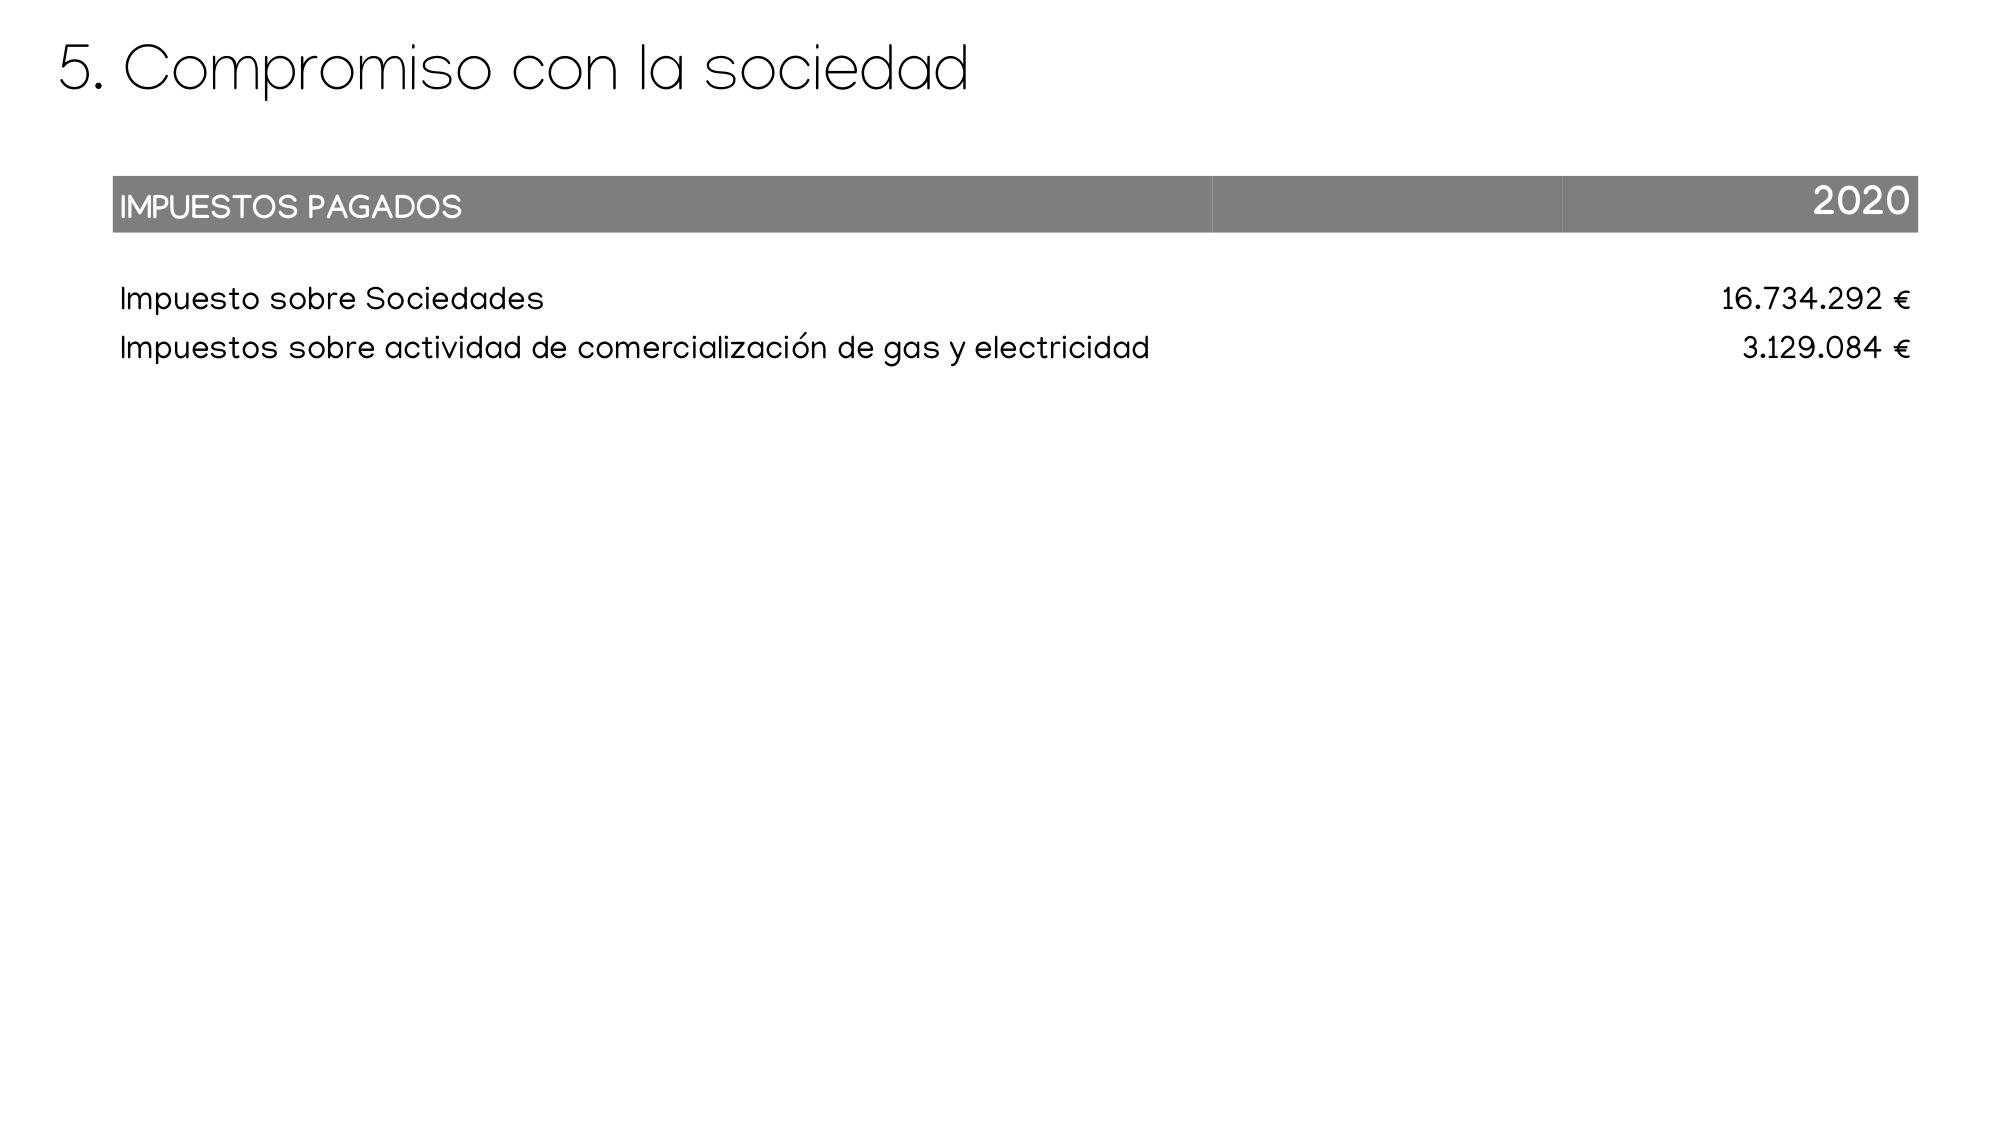 RESULTADOS_ pamesa_grupo_empresarial_page-0040